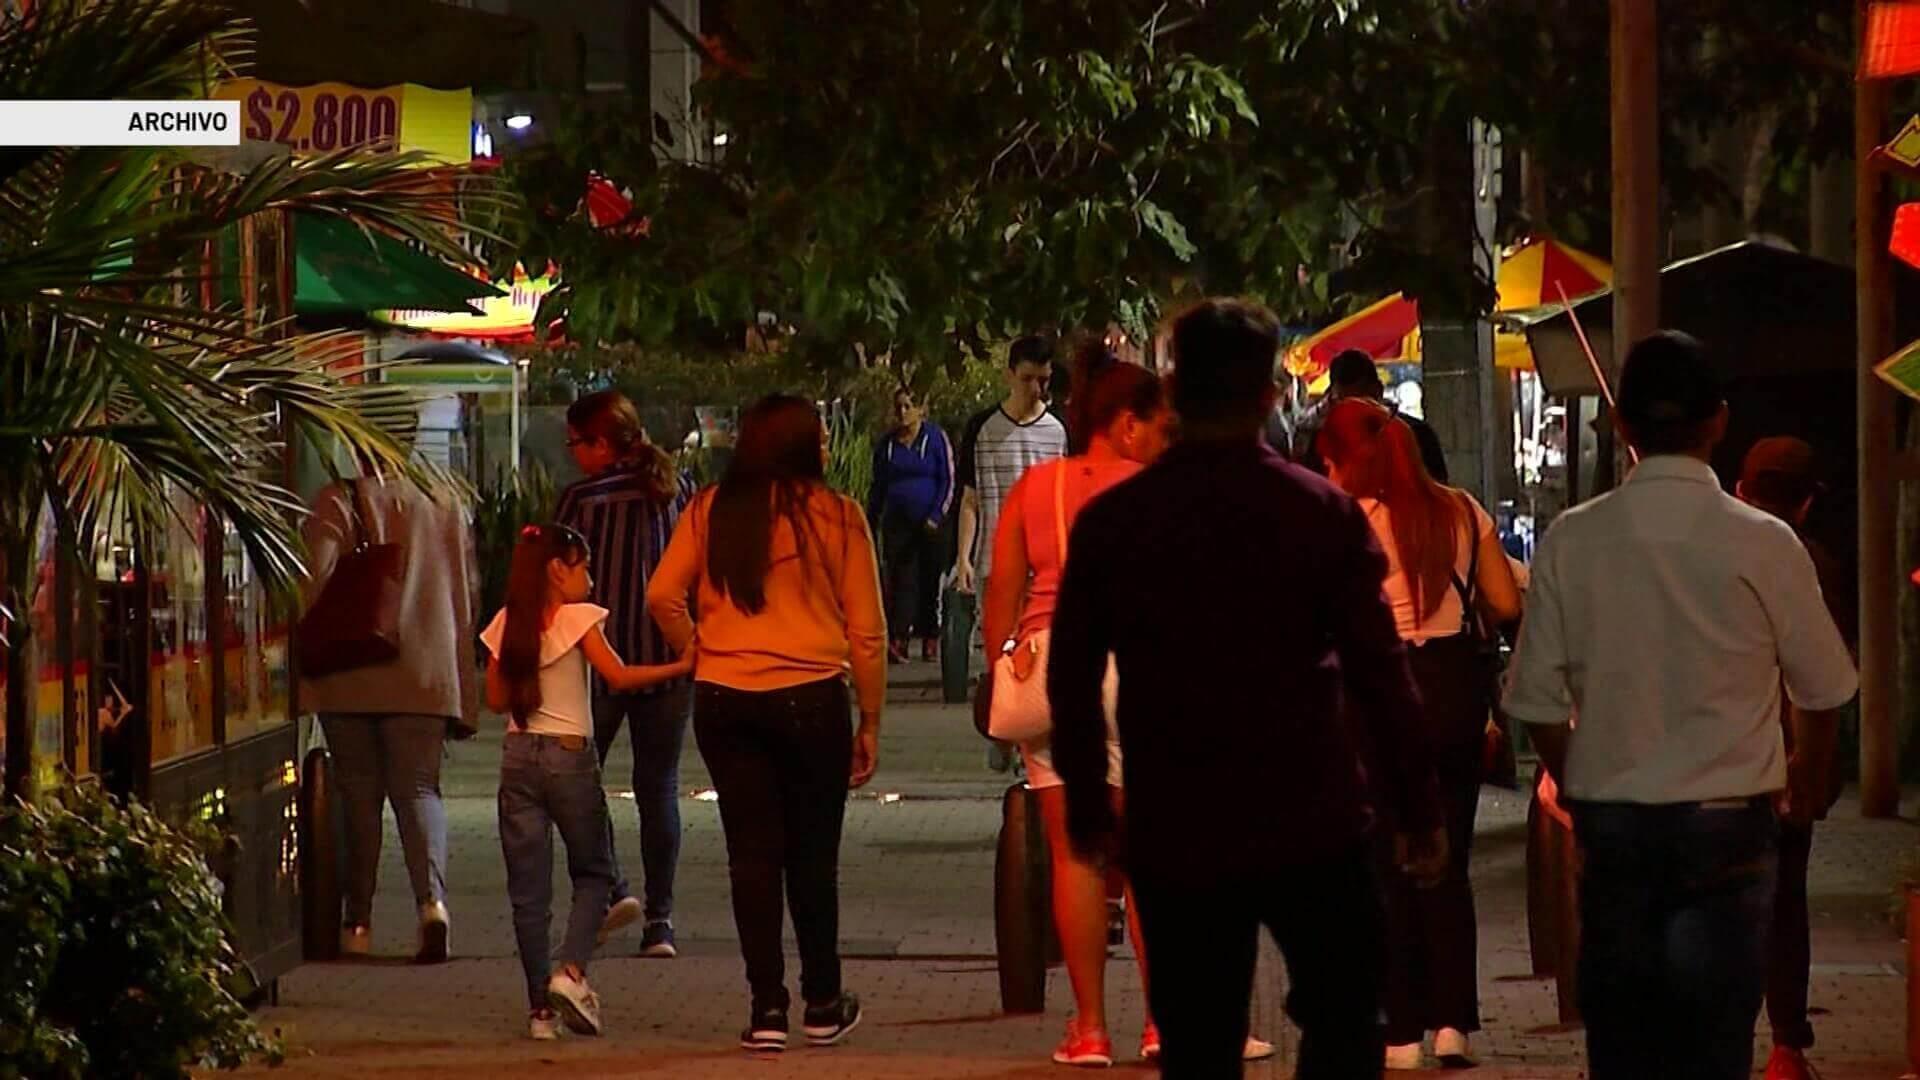 Mañana, 'Medellín Despierta': horario comercial extendido